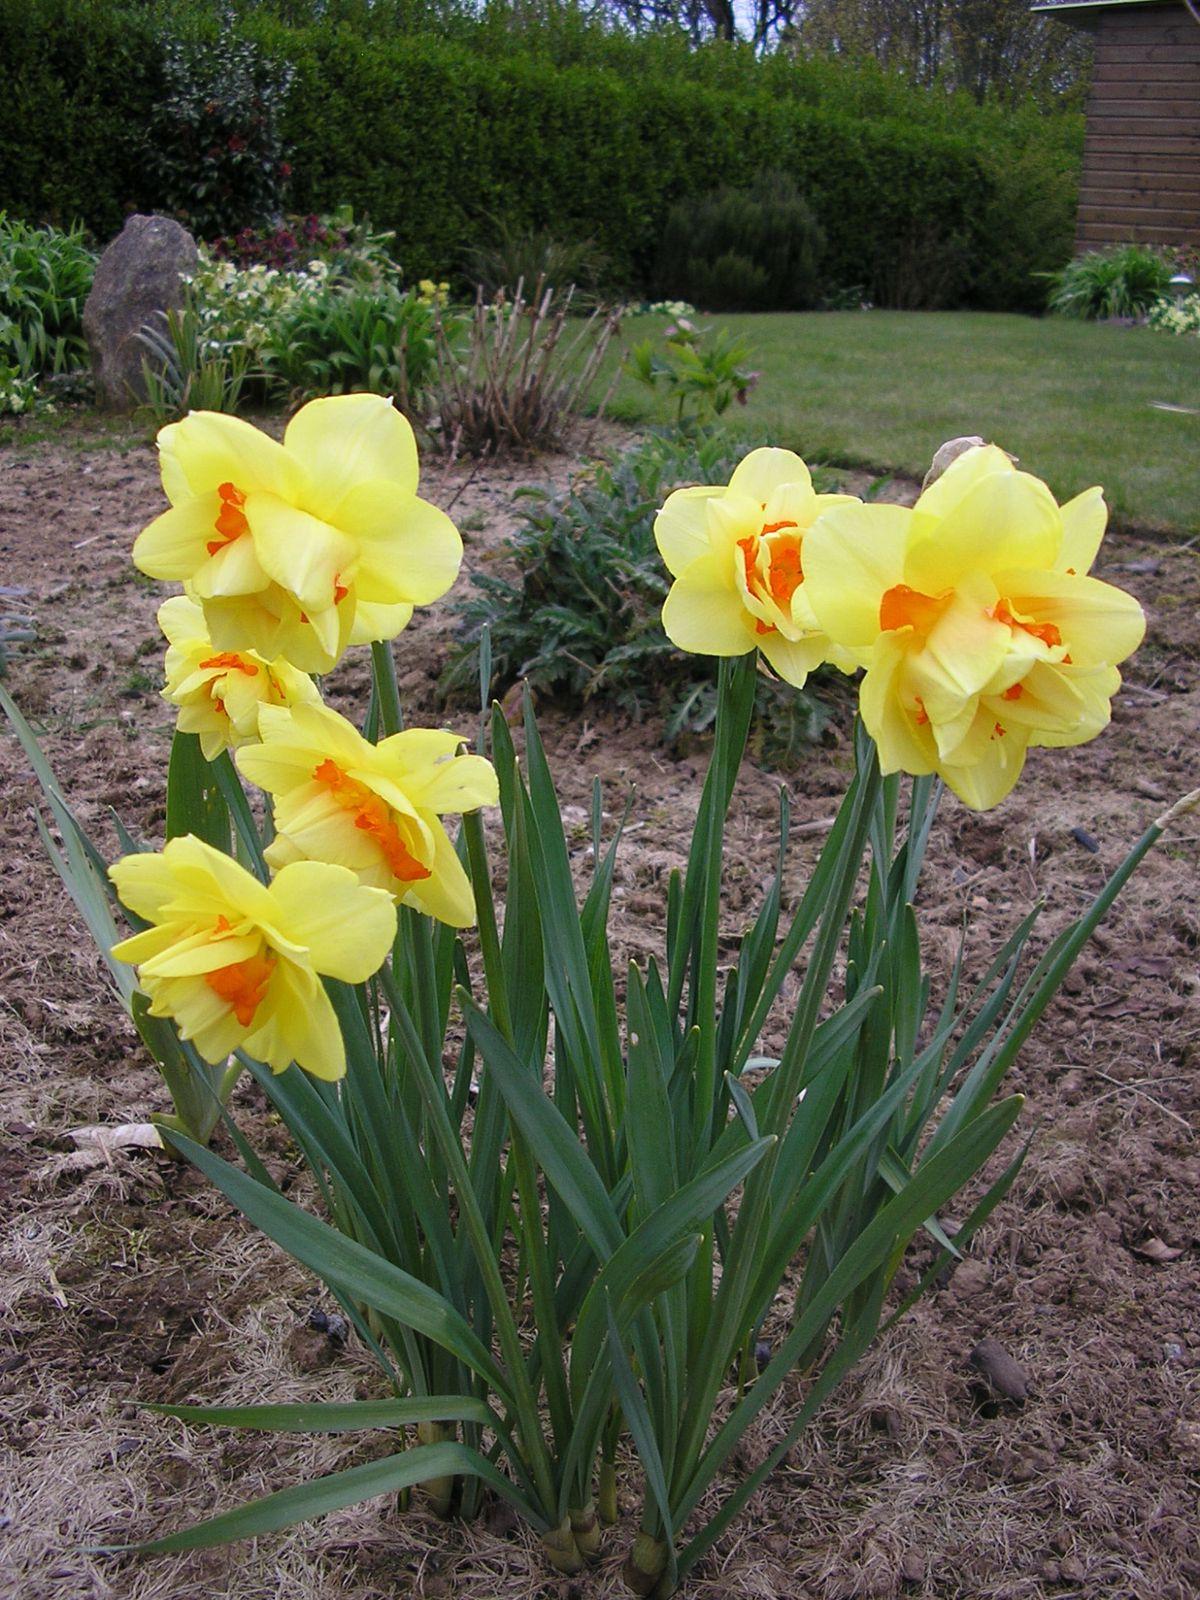 Des primevères, des muscaris, des tulipes et des narcisses: heureusement qu'ils sont là pour nous rappeler que c'est le printemps!